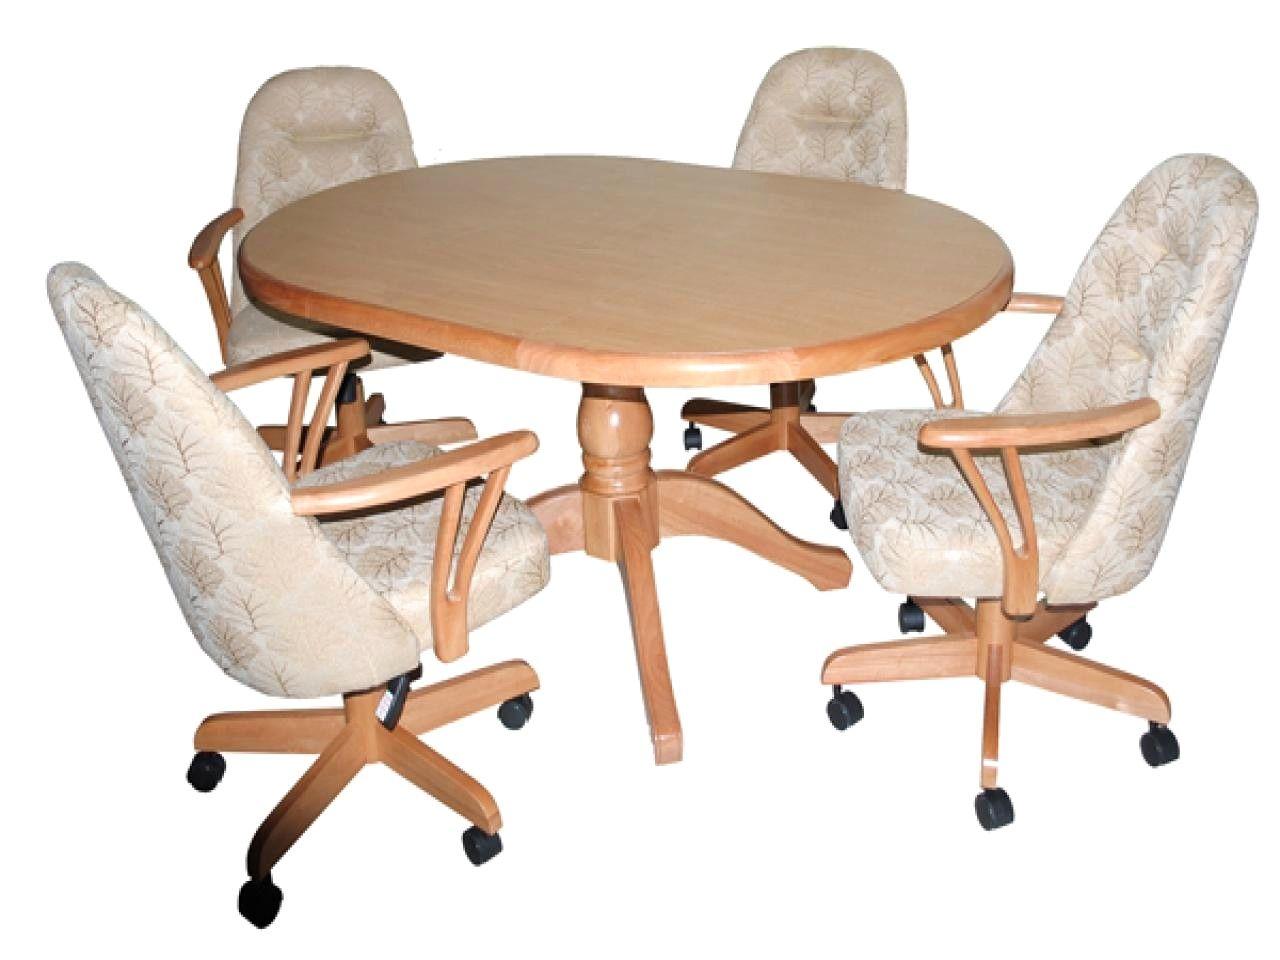 Kuchentisch Mit Stuhle Kuchentisch Und Stuhle Esstisch Stuhle